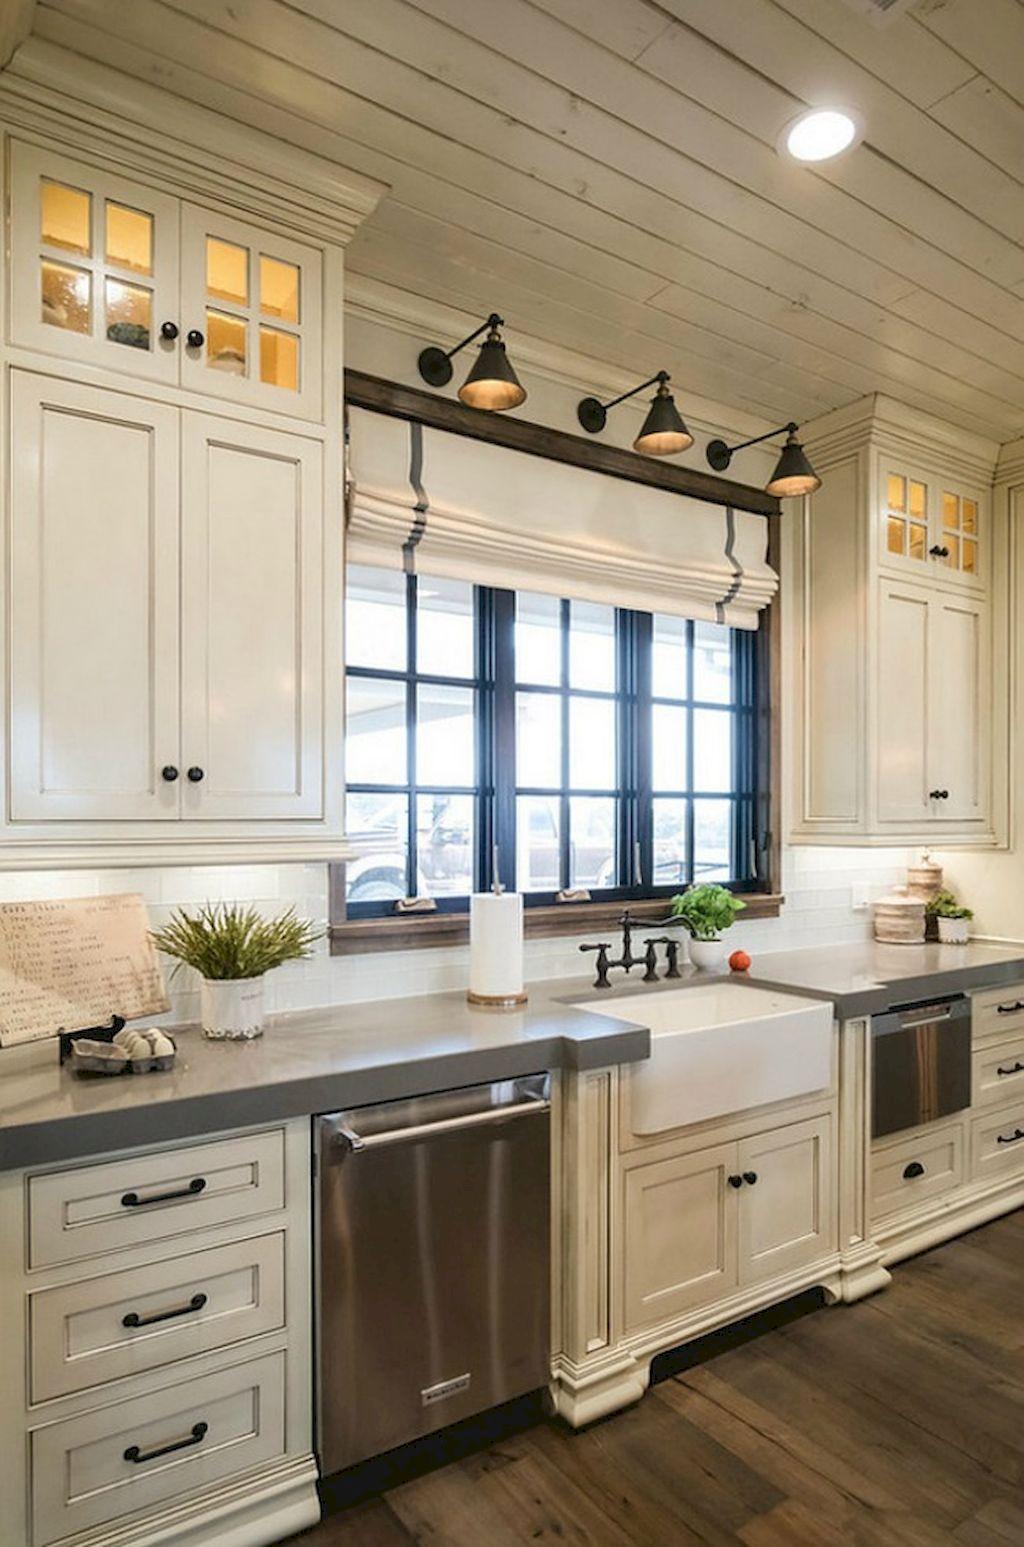 01 gorgeous rustic farmhouse kitchen ideas smallkitchenremodeling diy kitchen remodel on e kitchen ideas id=67094